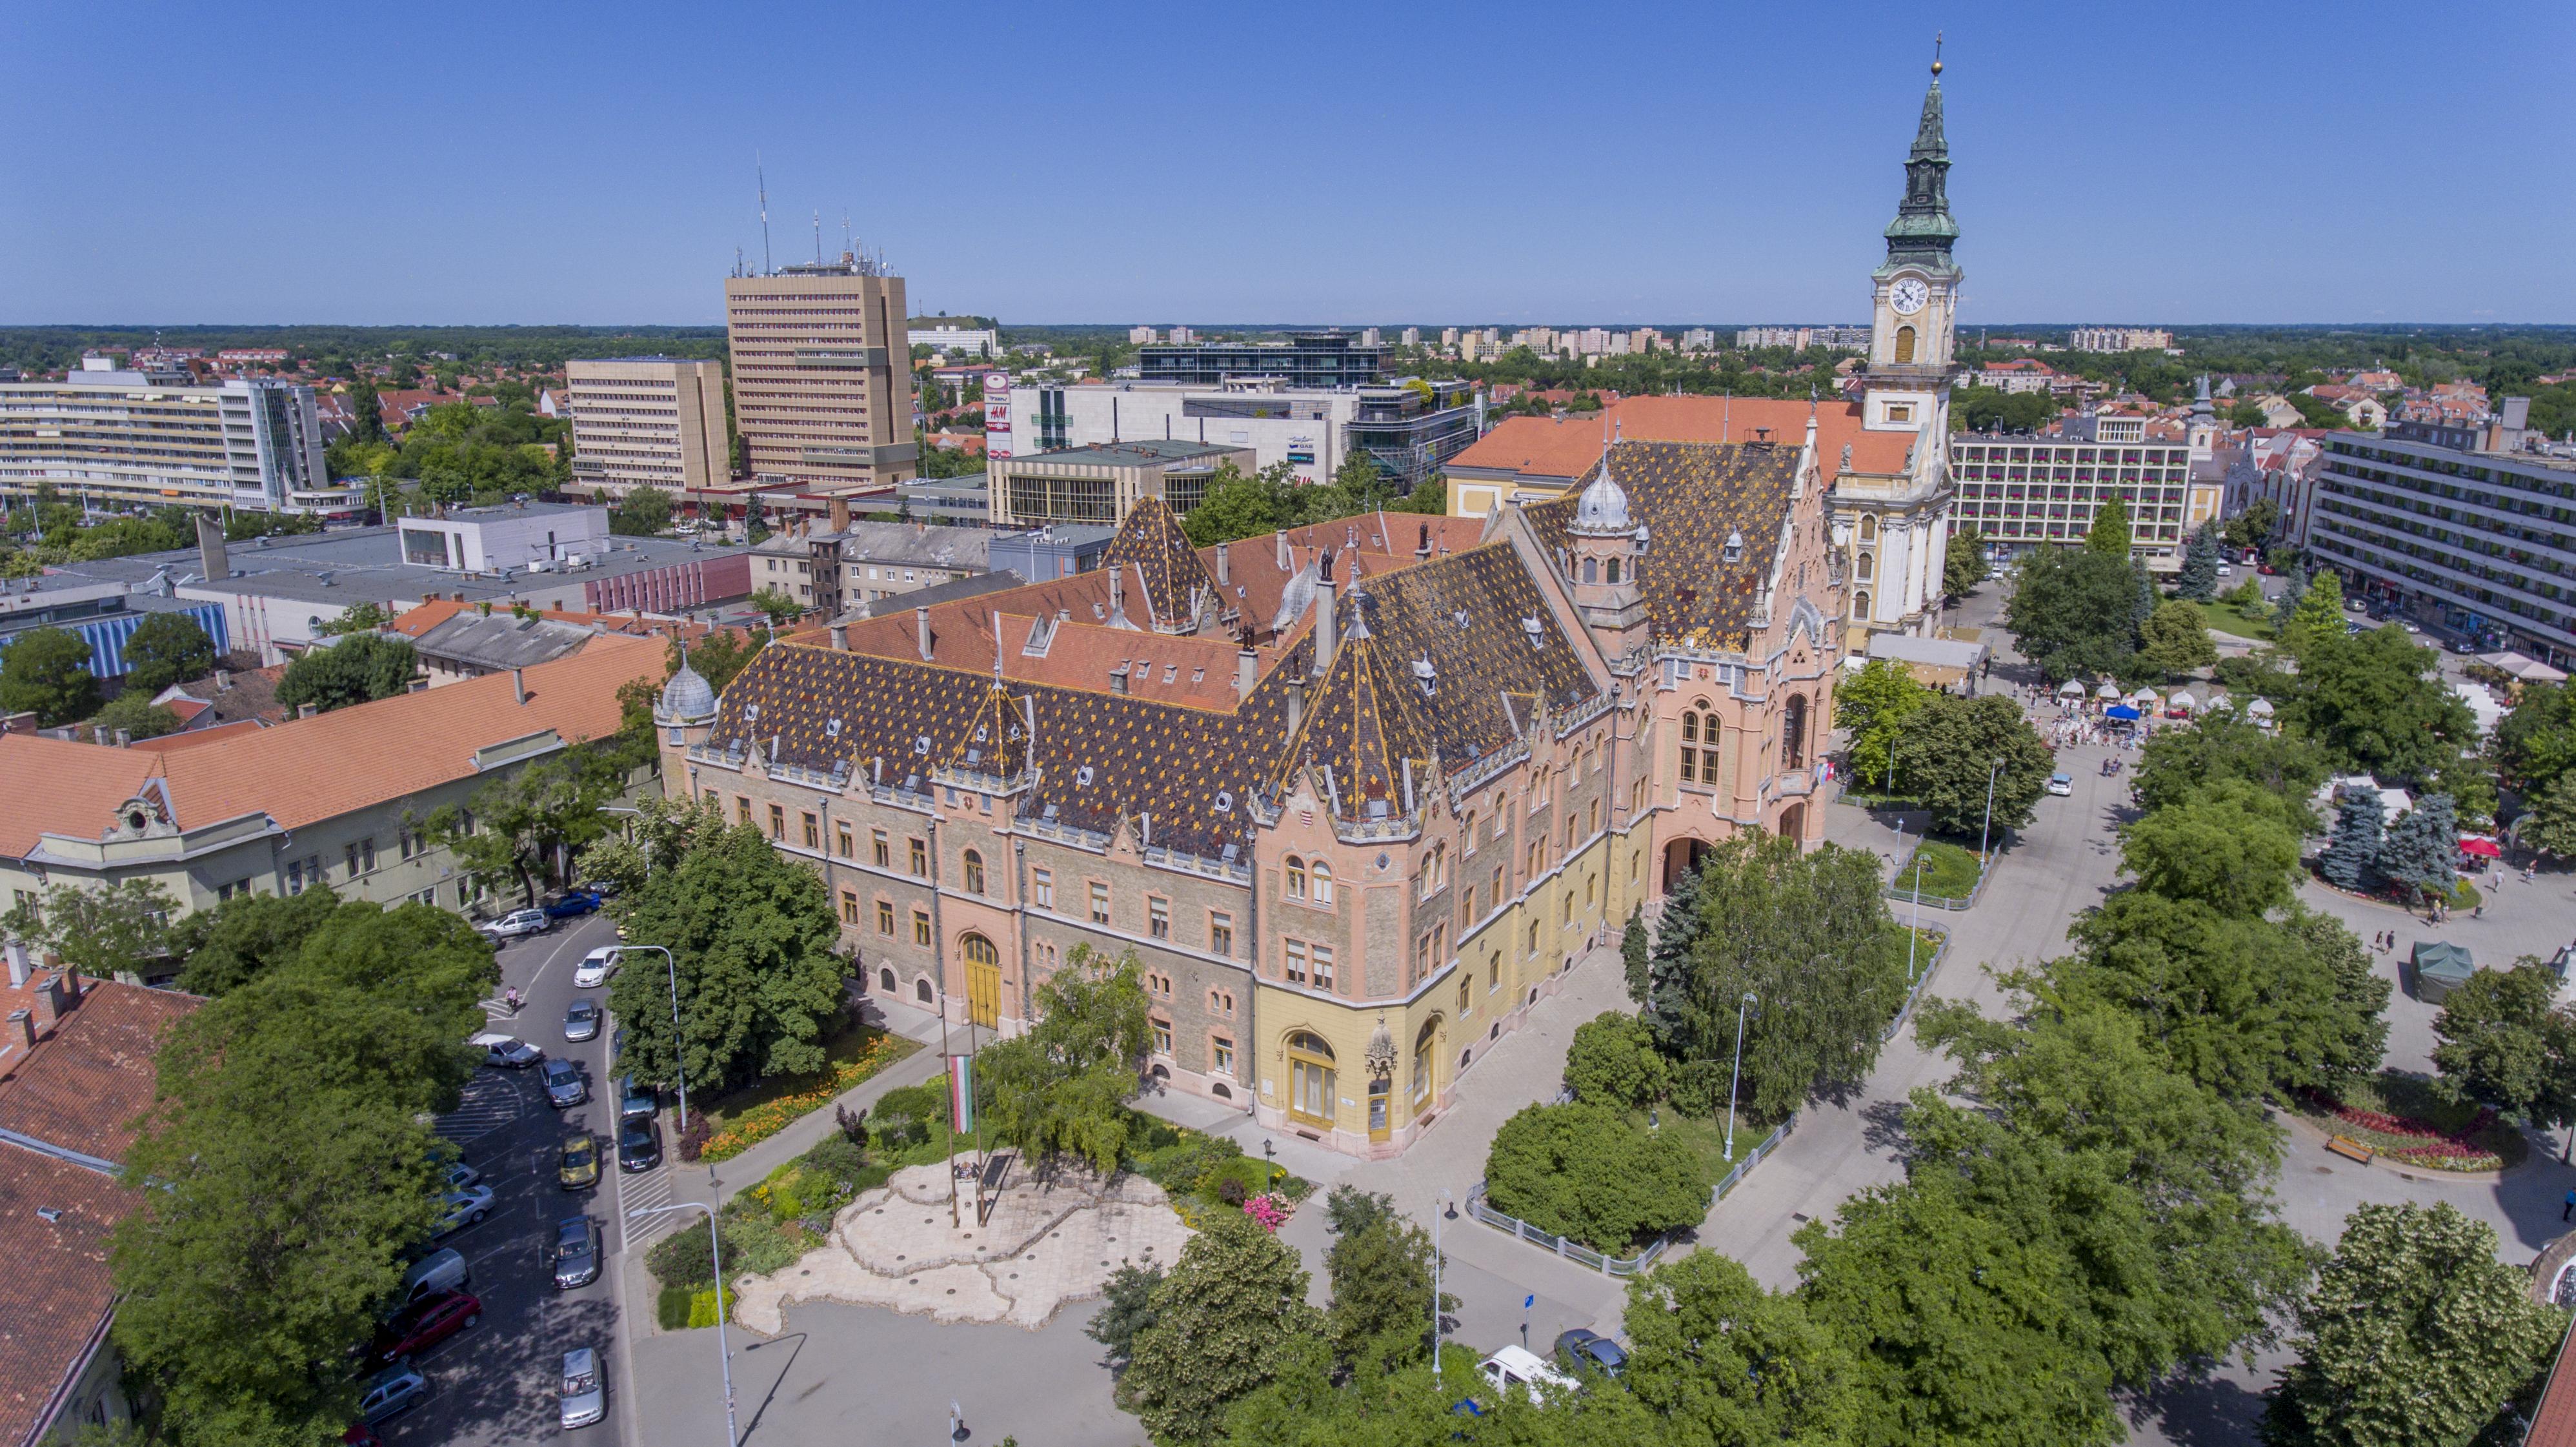 Melyik város központjáról, azon belül is a városházáról készült a fotó?